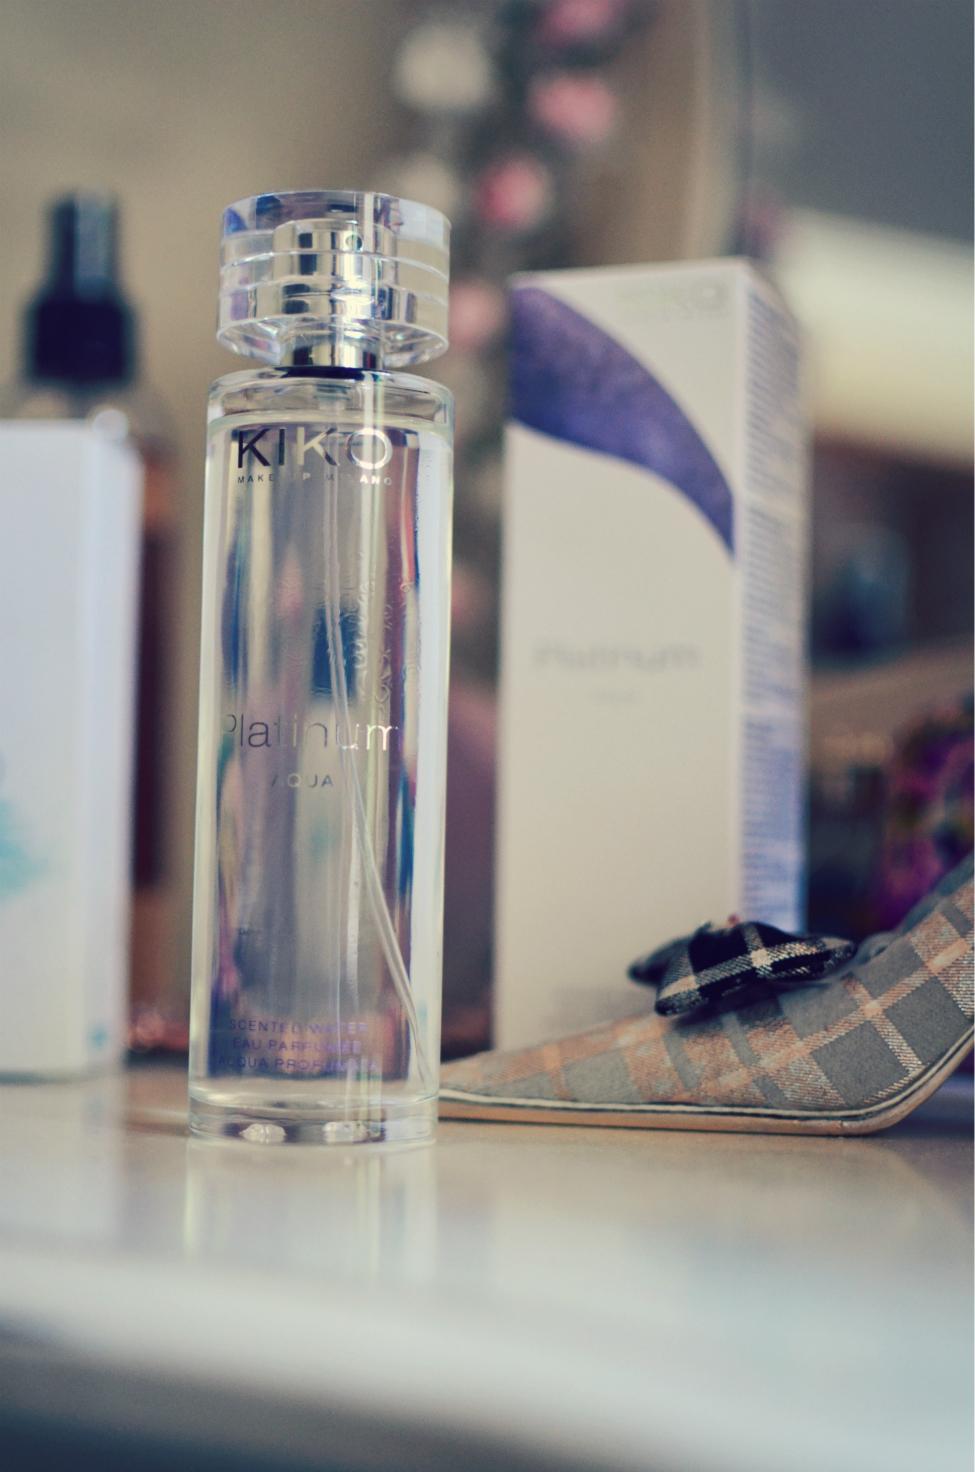 kiko platinum scented water